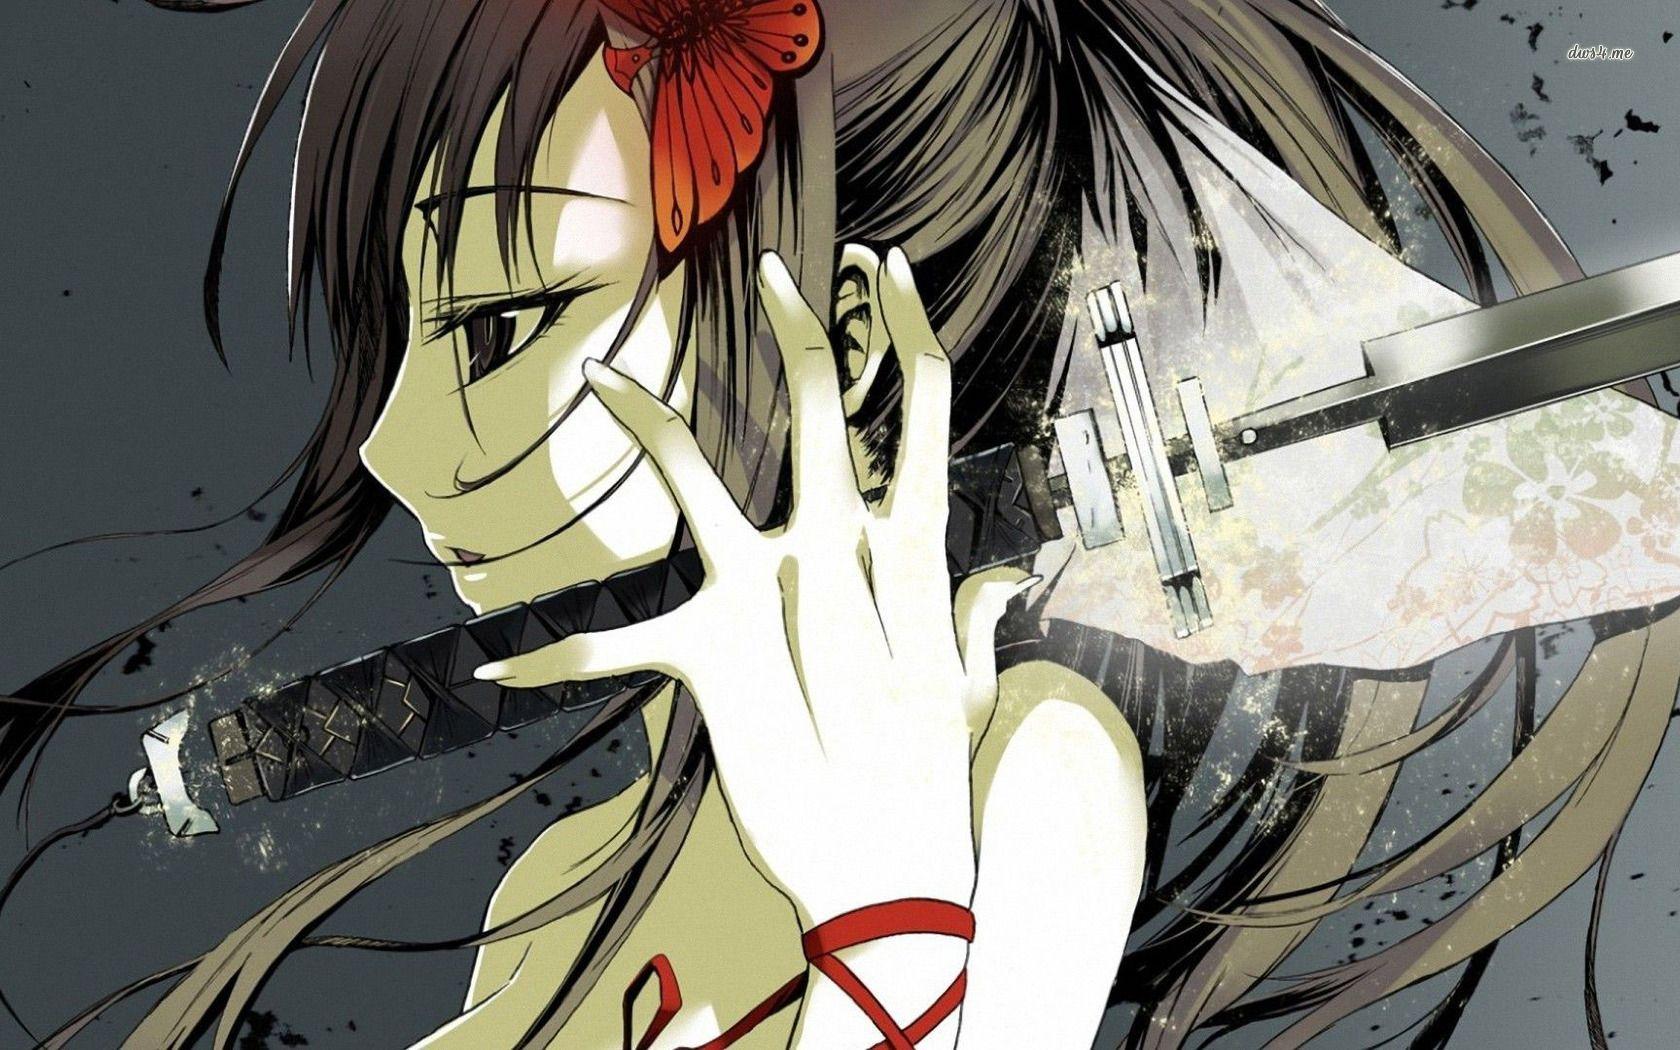 Anime girl with katana katana girl wallpaper 1280x800 - Girl with sword wallpaper ...